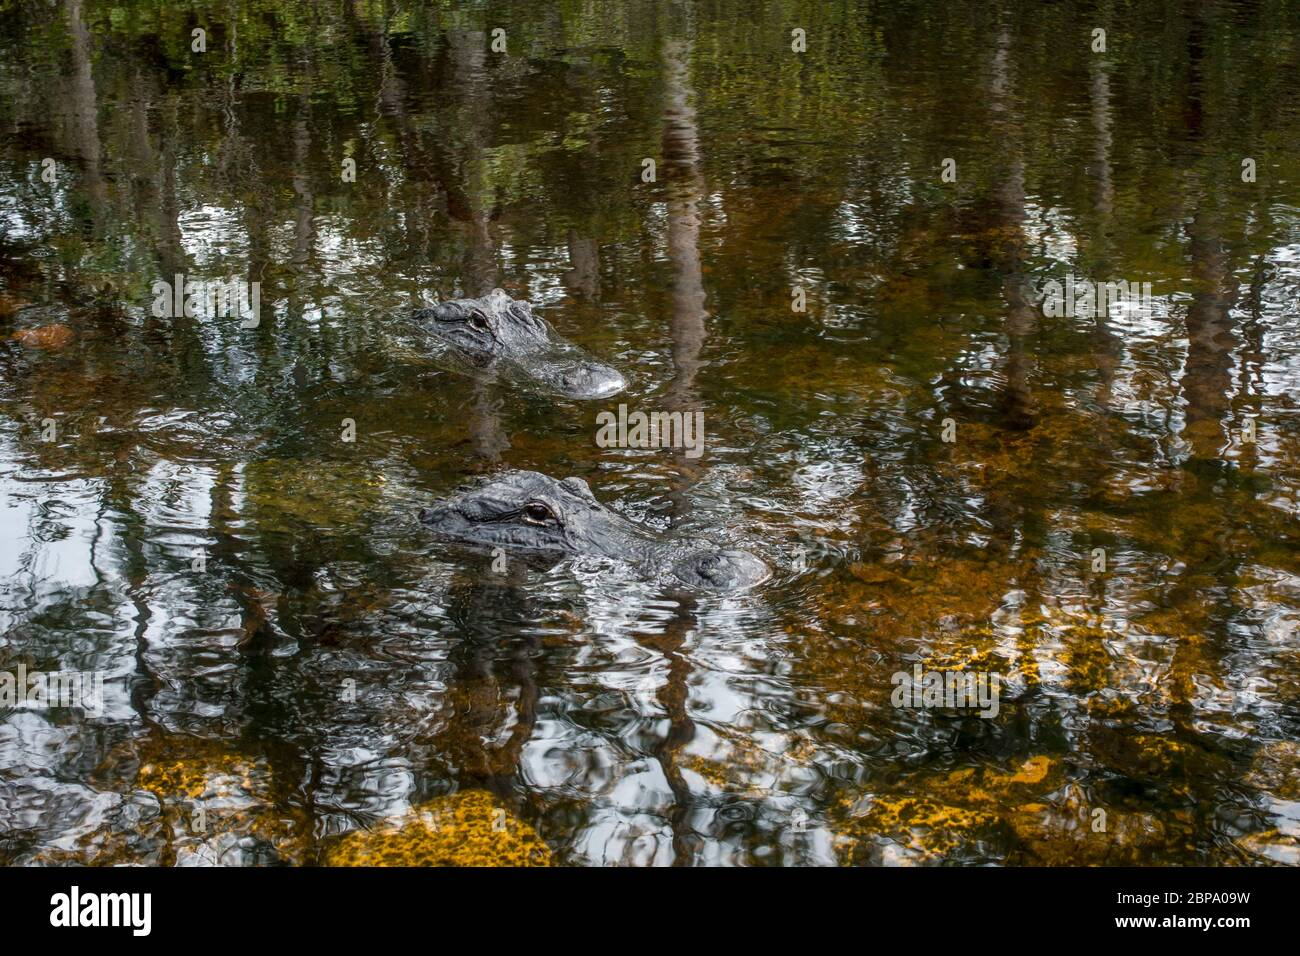 L'alligator américain flotte dans une eau calme, au fond du marais de la forêt cyprès, dans la réserve Big Cypress, Everglades, Floride. Banque D'Images